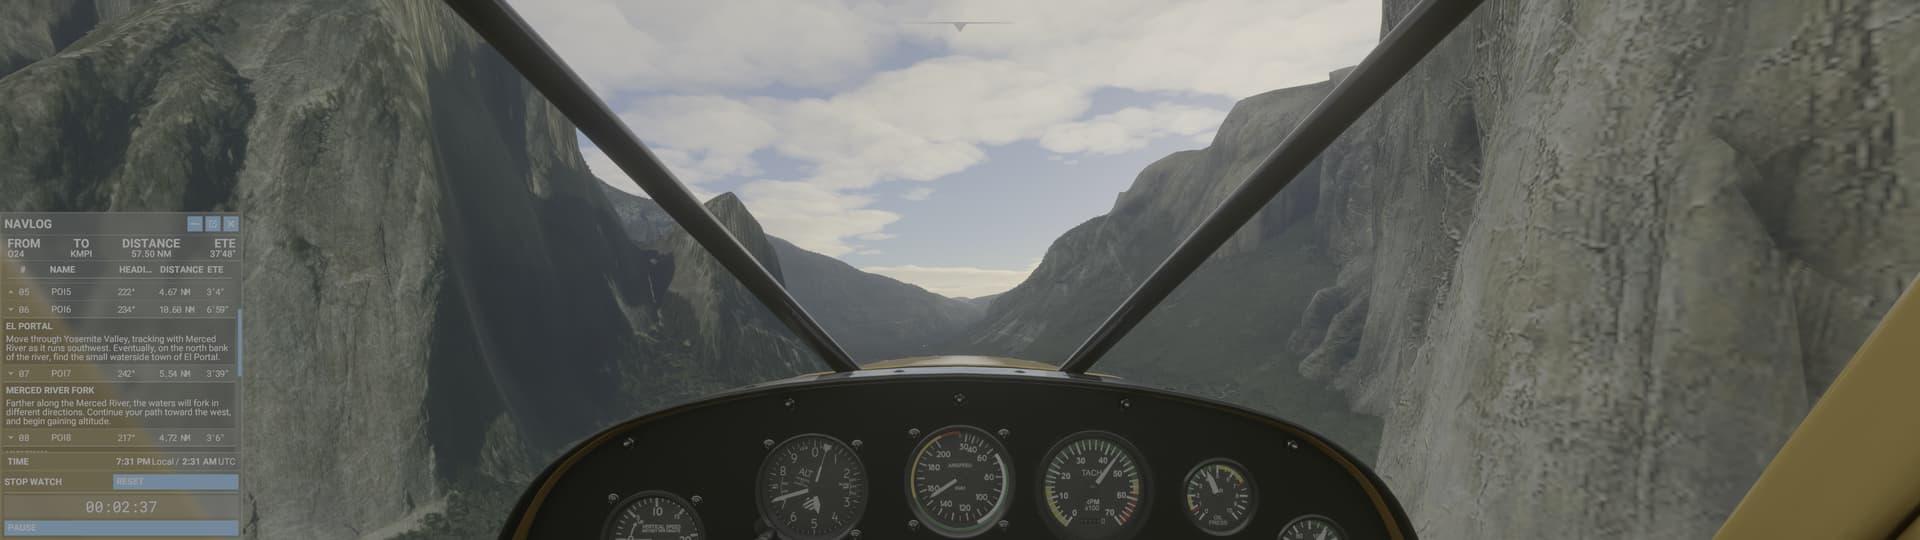 Microsoft Flight Simulator Screenshot 2021.09.13 - 19.29.31.51 Thumbnail